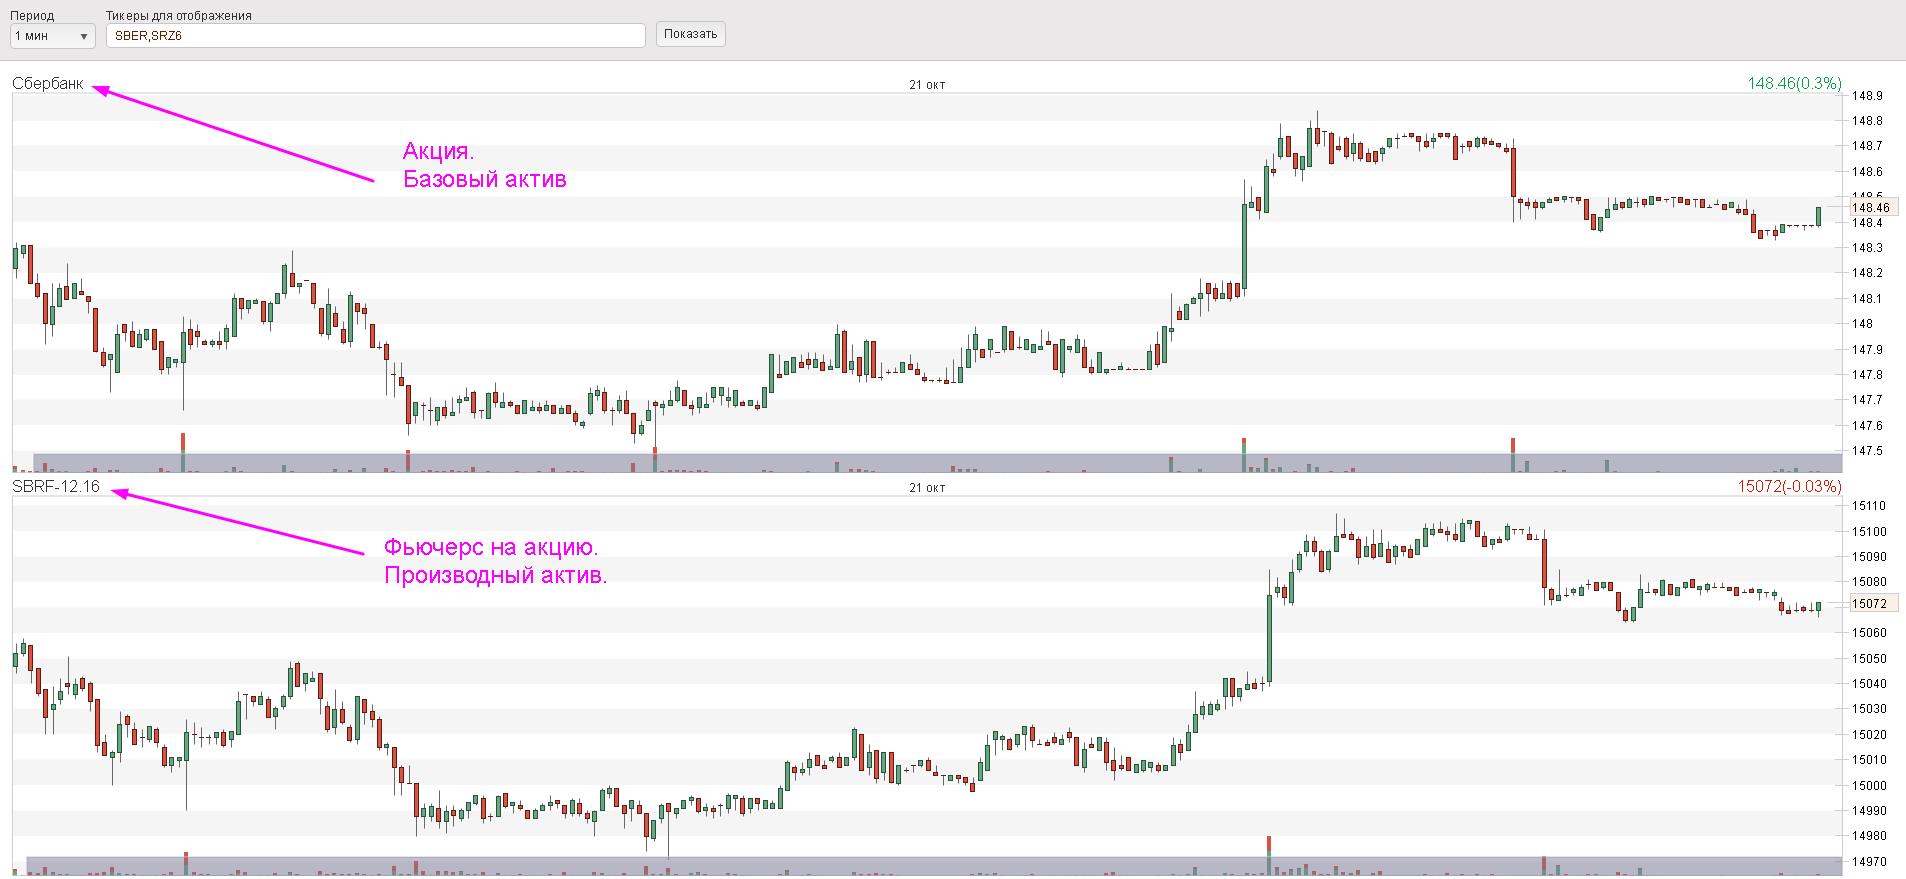 Согласованное движение цены базового актива и фьючерса